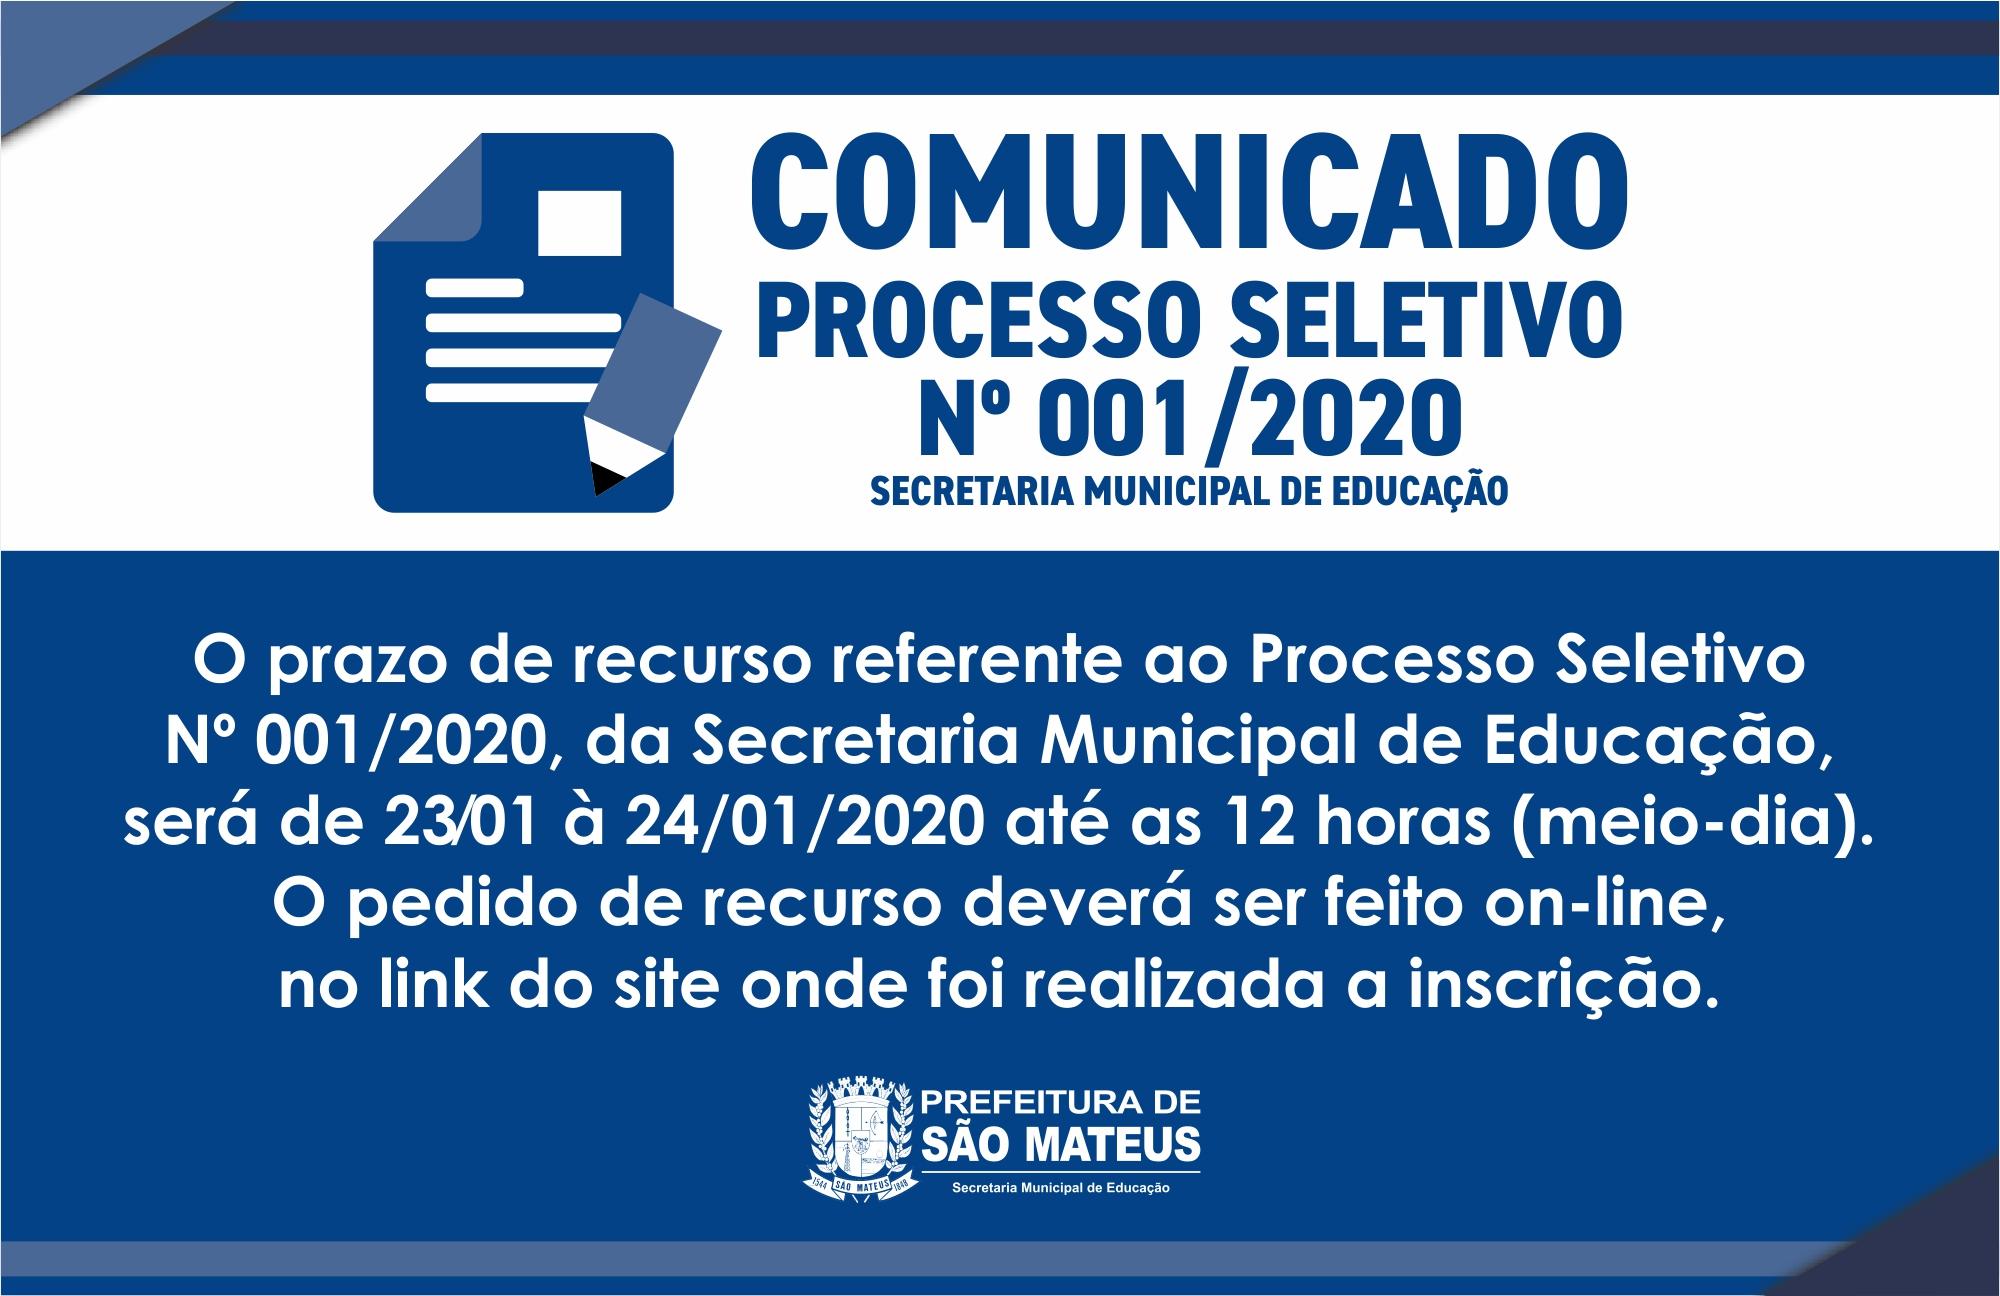 COMUNICADO - SECRETARIA DE EDUCAÇÃO